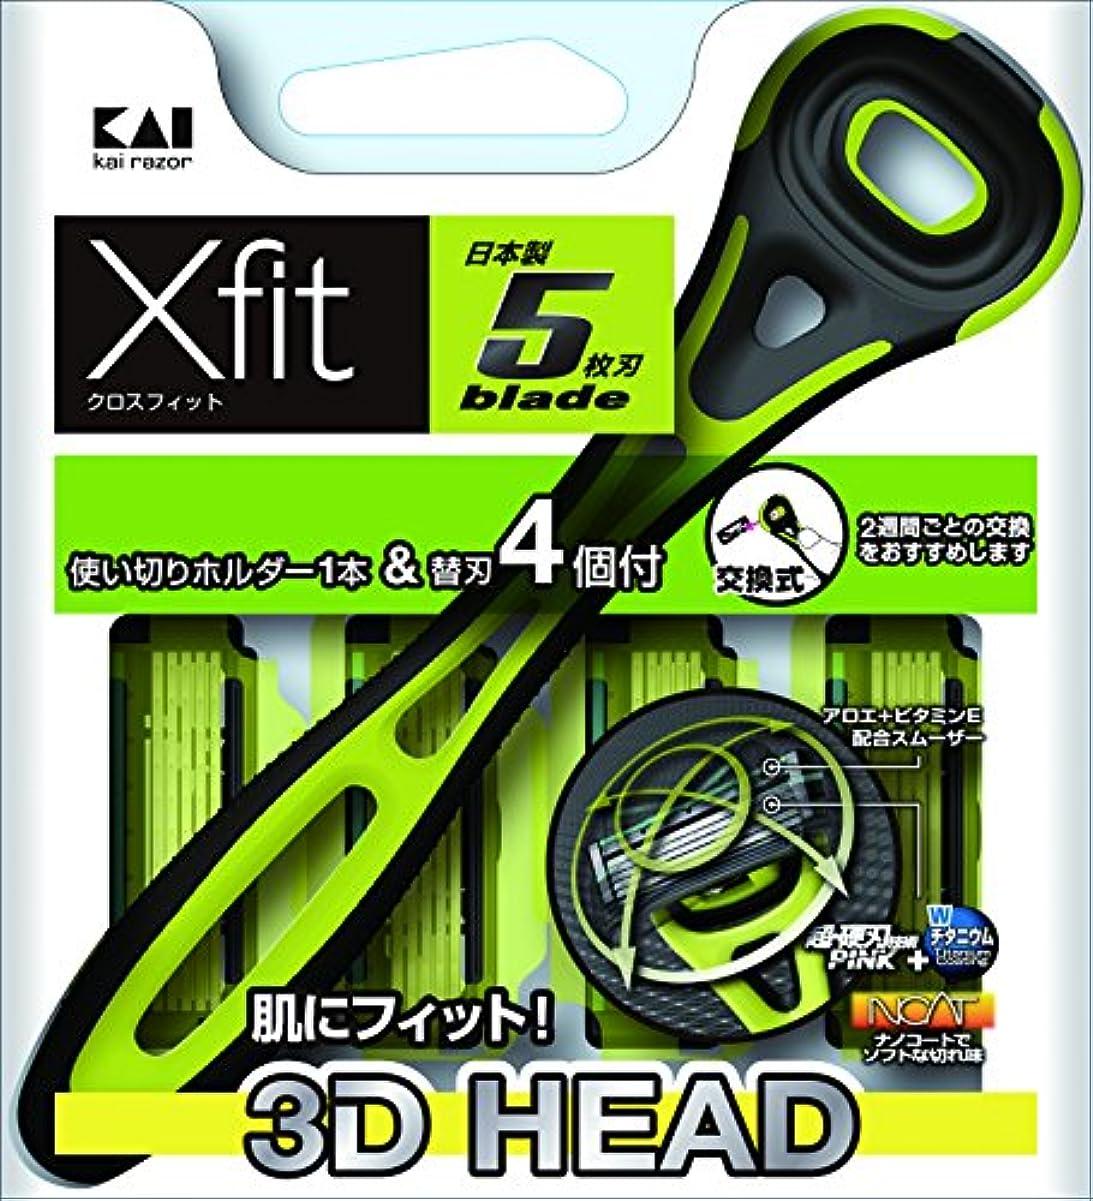 悪夢スタンド前方へXfit(クロスフィット)5枚刃 クリアパッケージ 使い切りホルダー+替刃4個